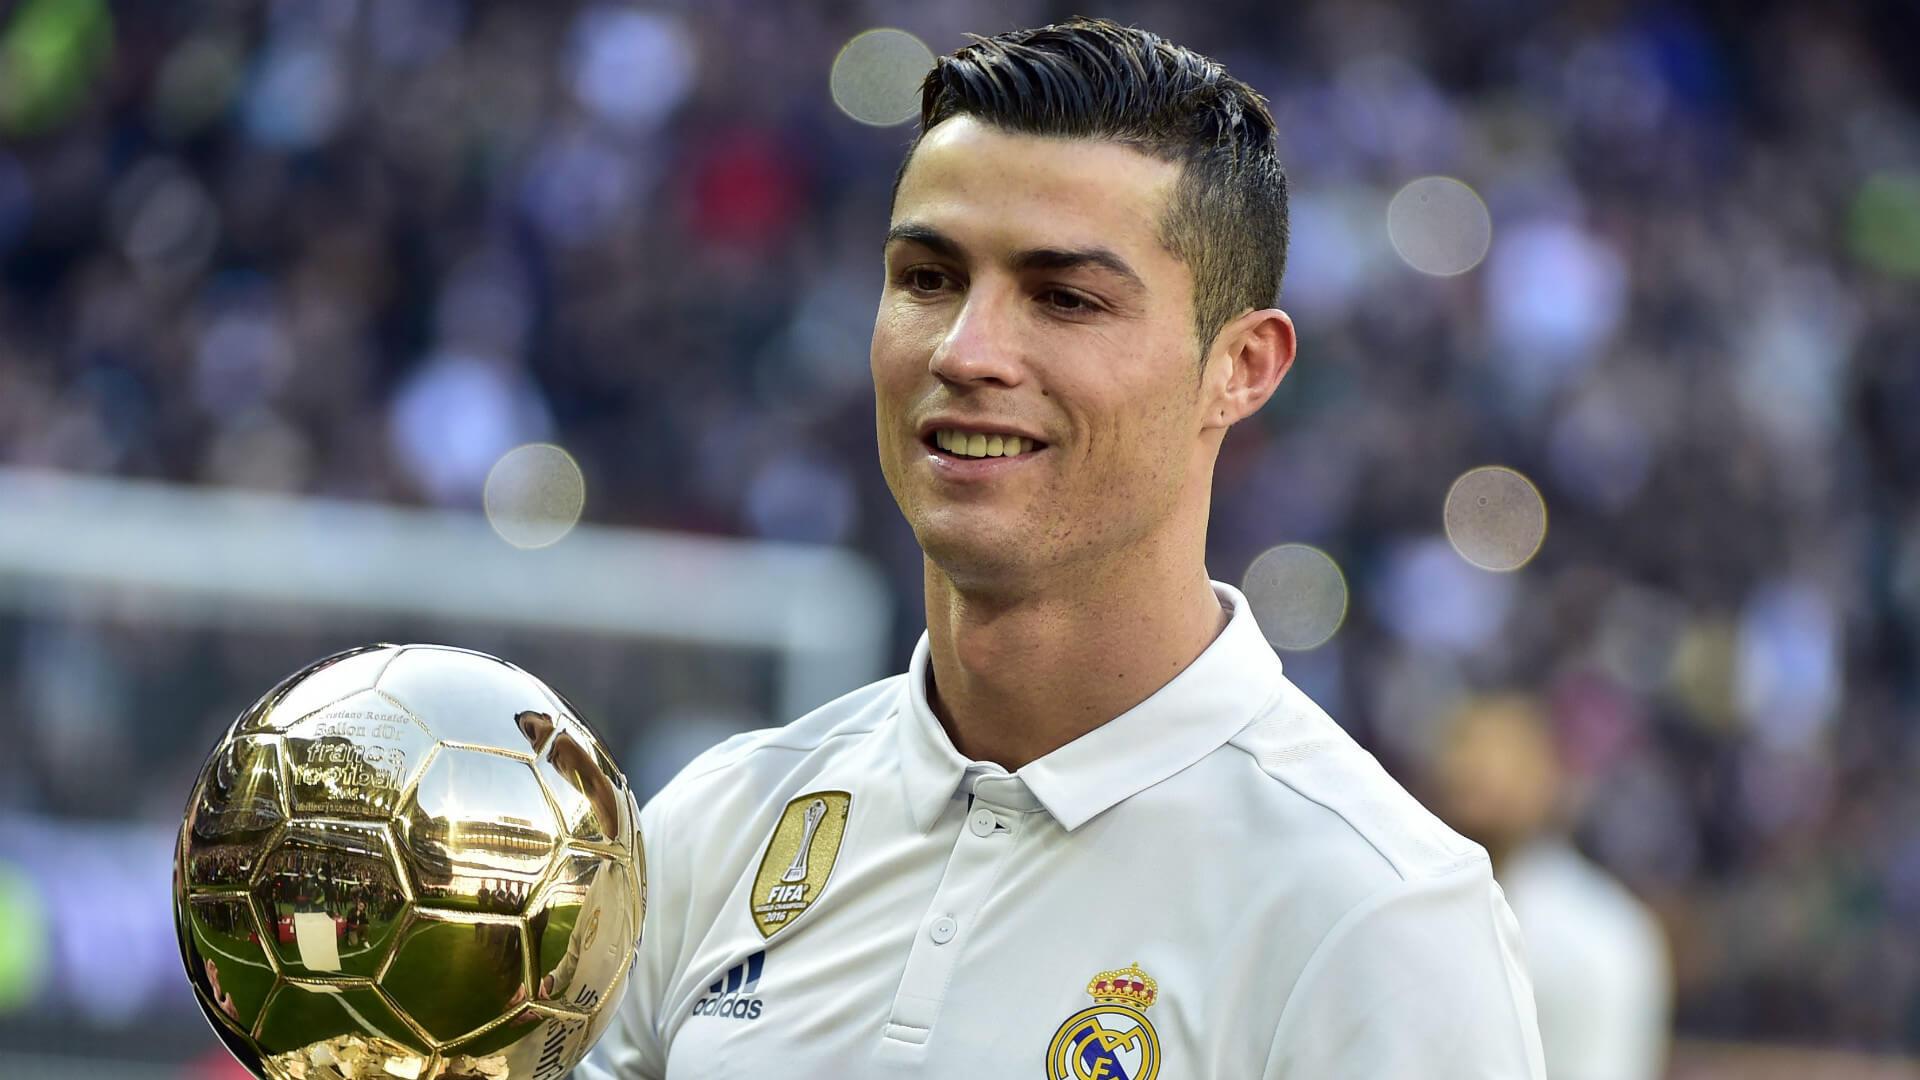 Cr7 New Haircut Best Ronaldo Haircut Ideas